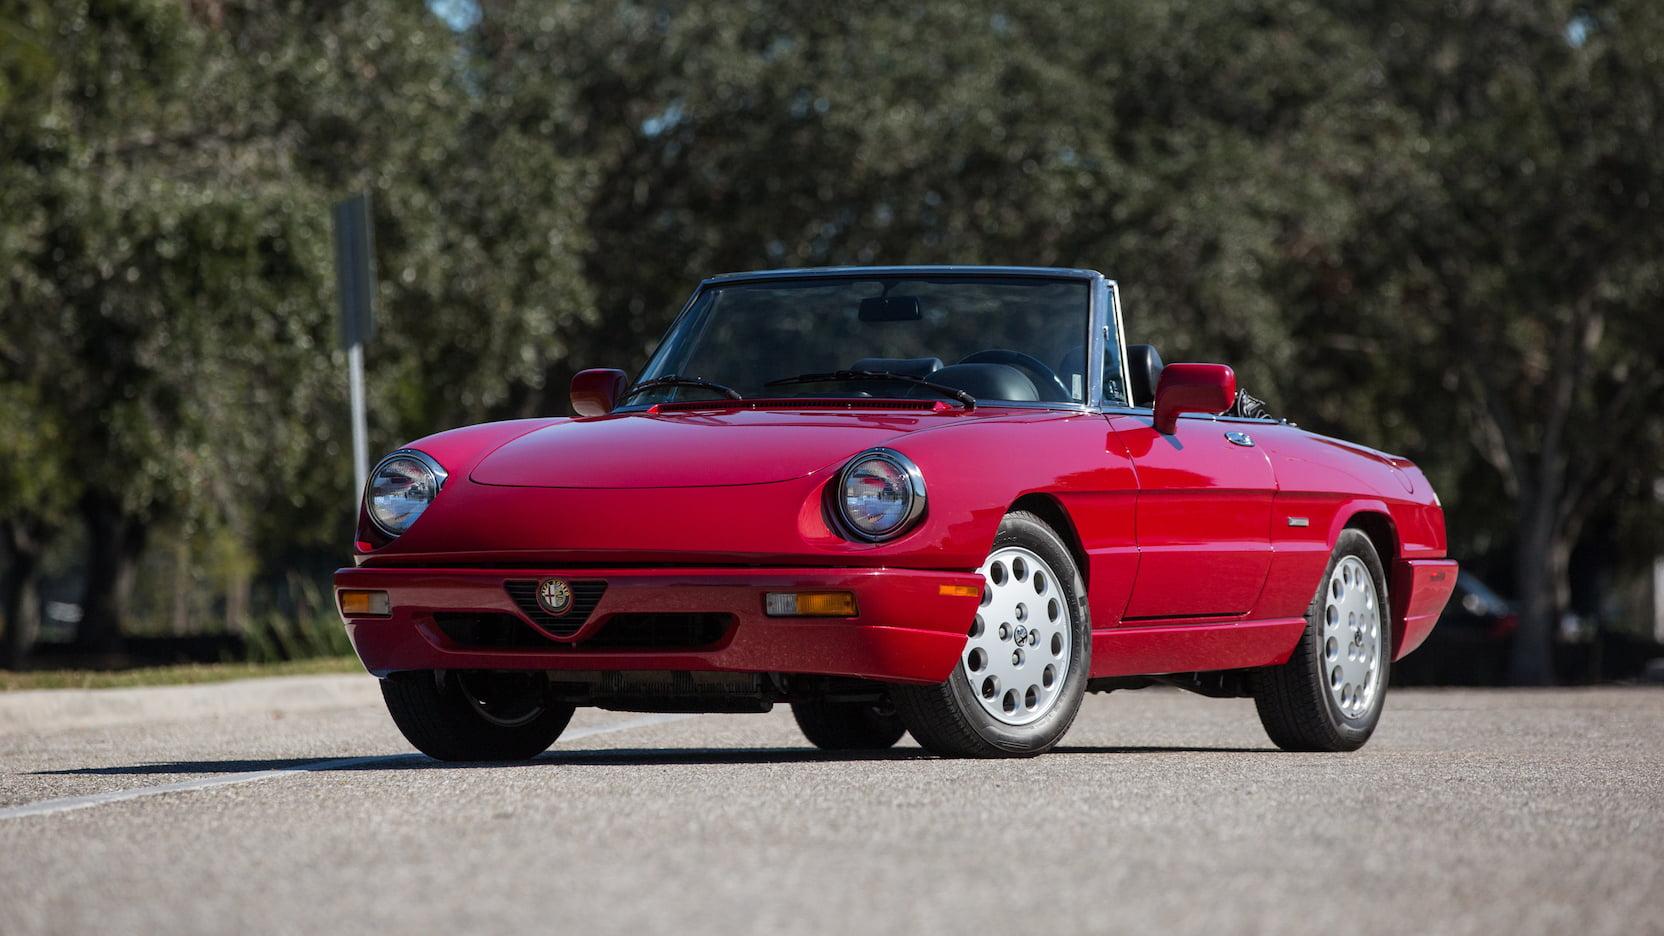 1992 Alfa Romeo Spider graduate front 3/4